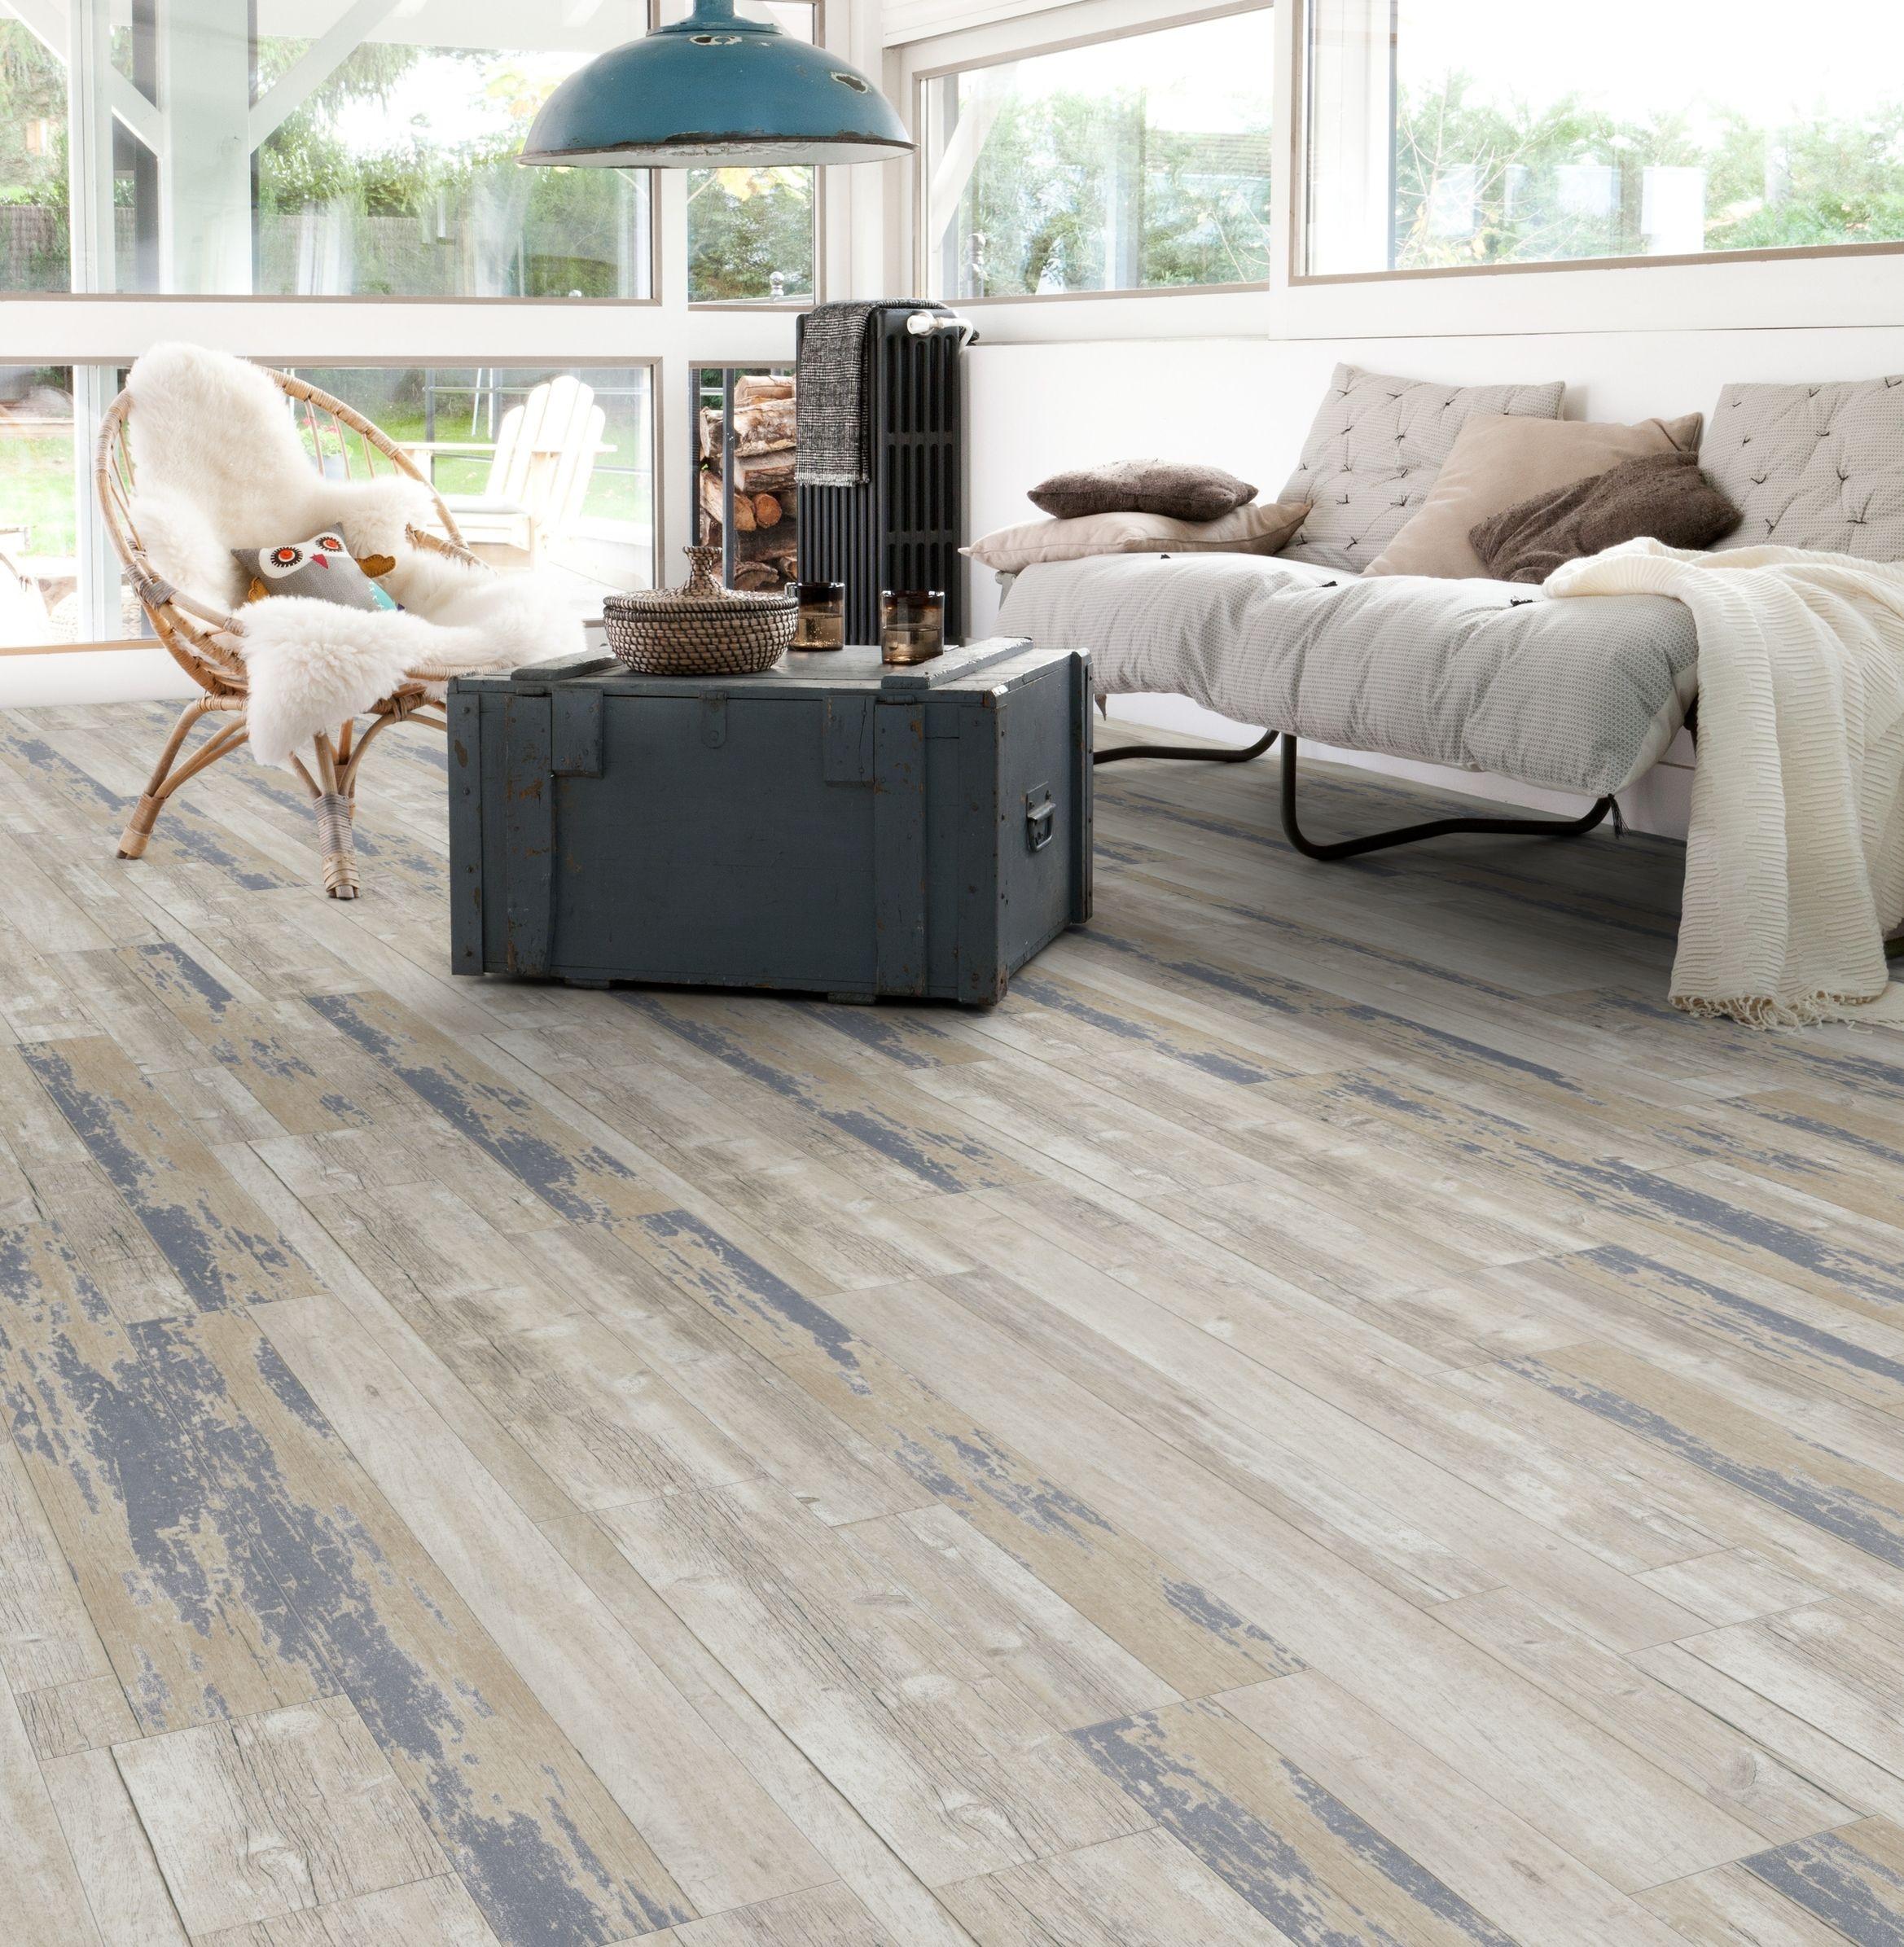 pvc hardwood flooring of harbor blue deco pinterest house intended for gerflor lock plus 55 harbor blue lame pvc clipsable parquet